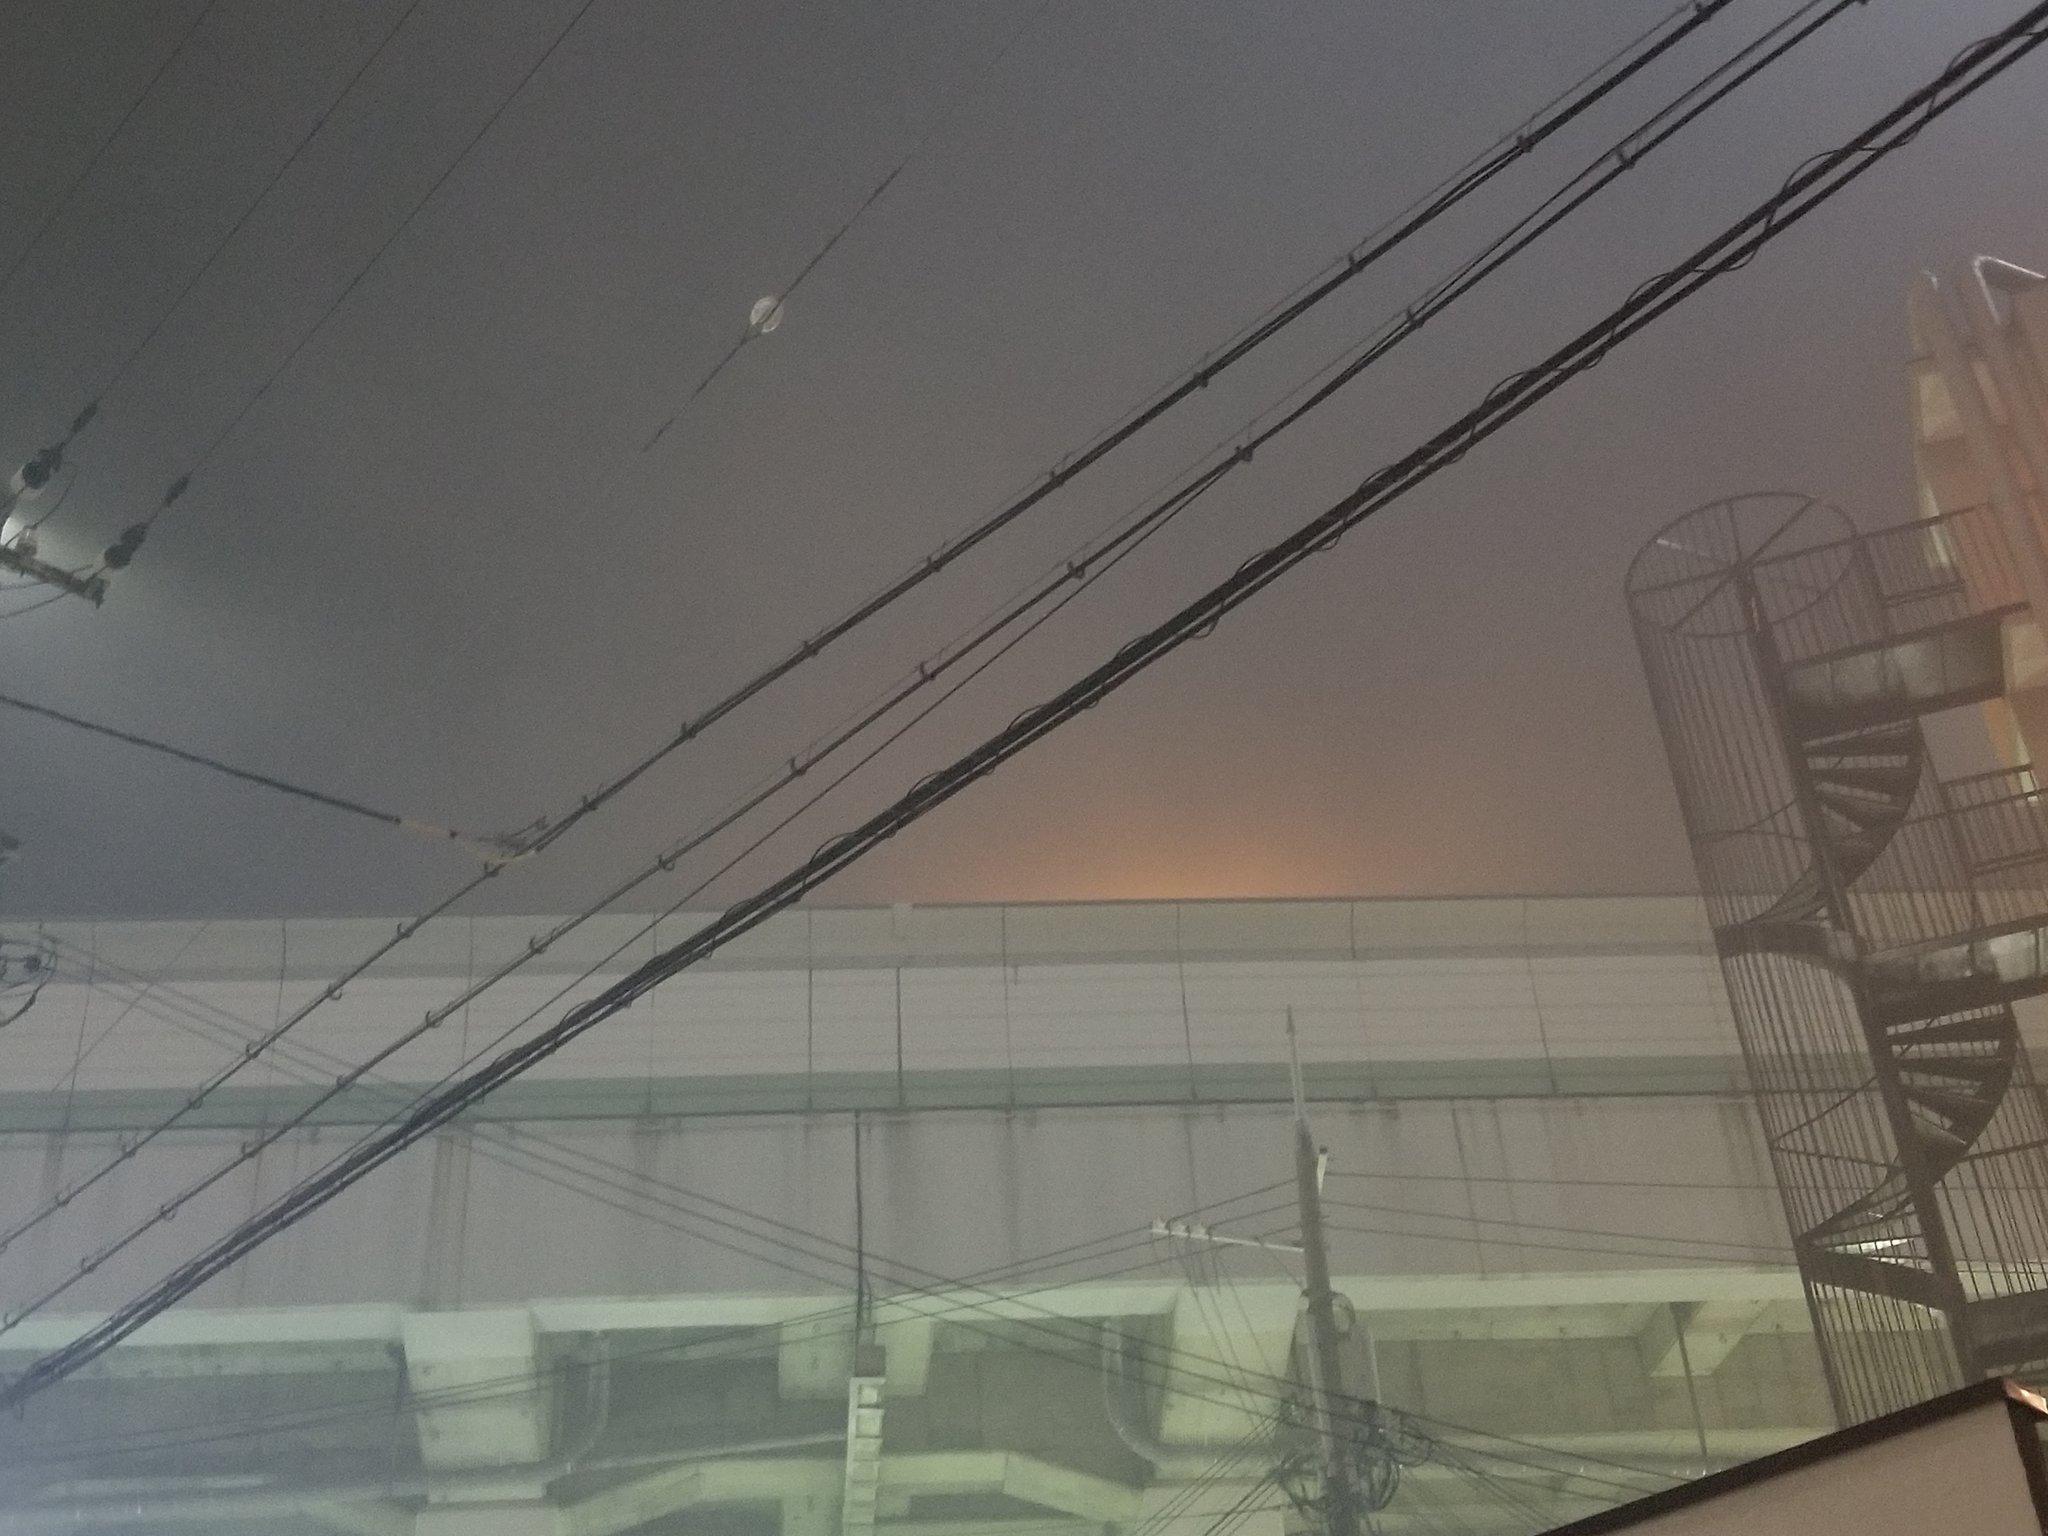 画像,家の目の前の高速から火事🔥でめちゃくちゃ煙たいです😵 https://t.co/RKm4EVWd9l。